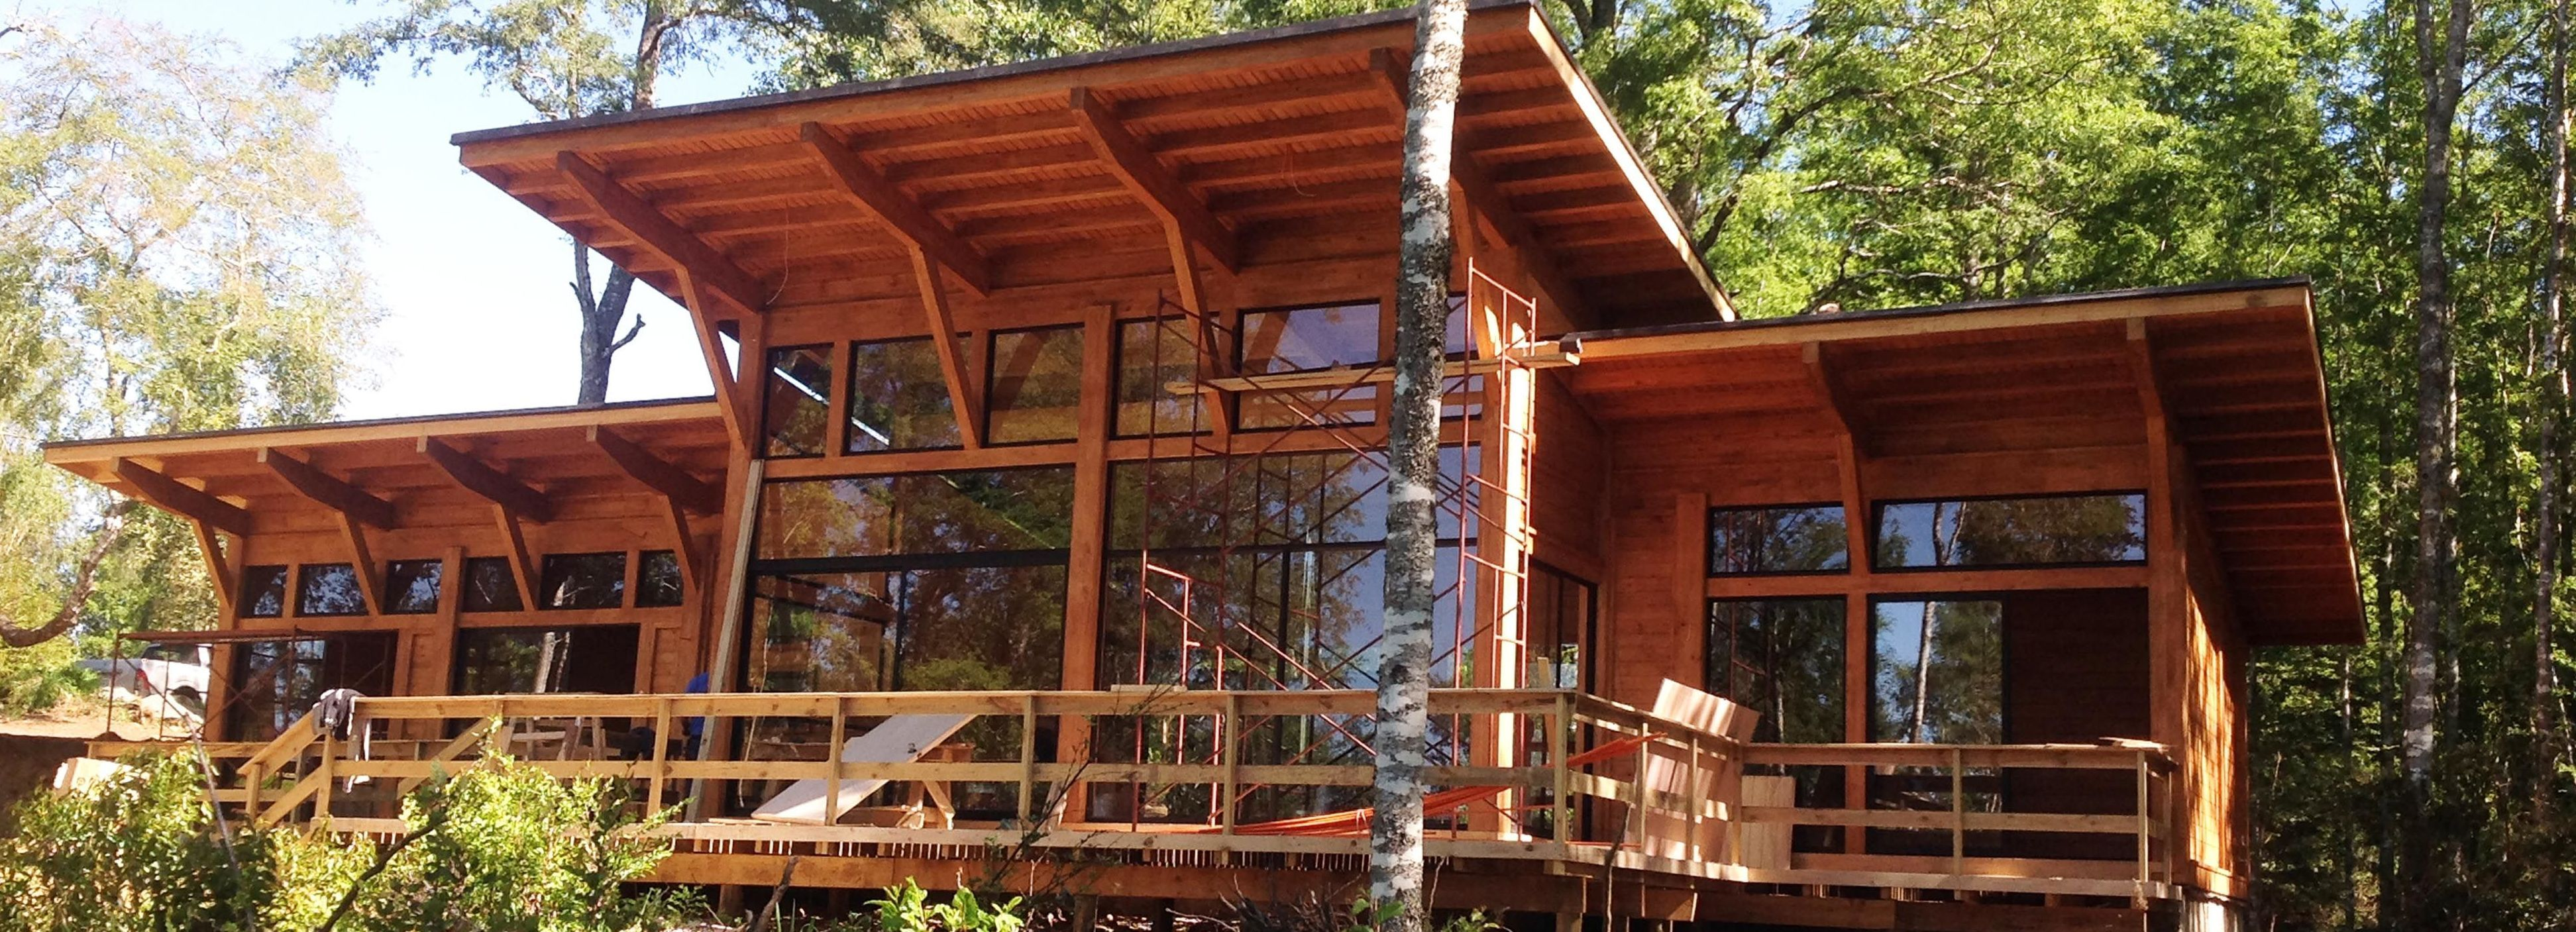 Casas de madera en tenerife cortelima - Casas de madera tenerife precios ...